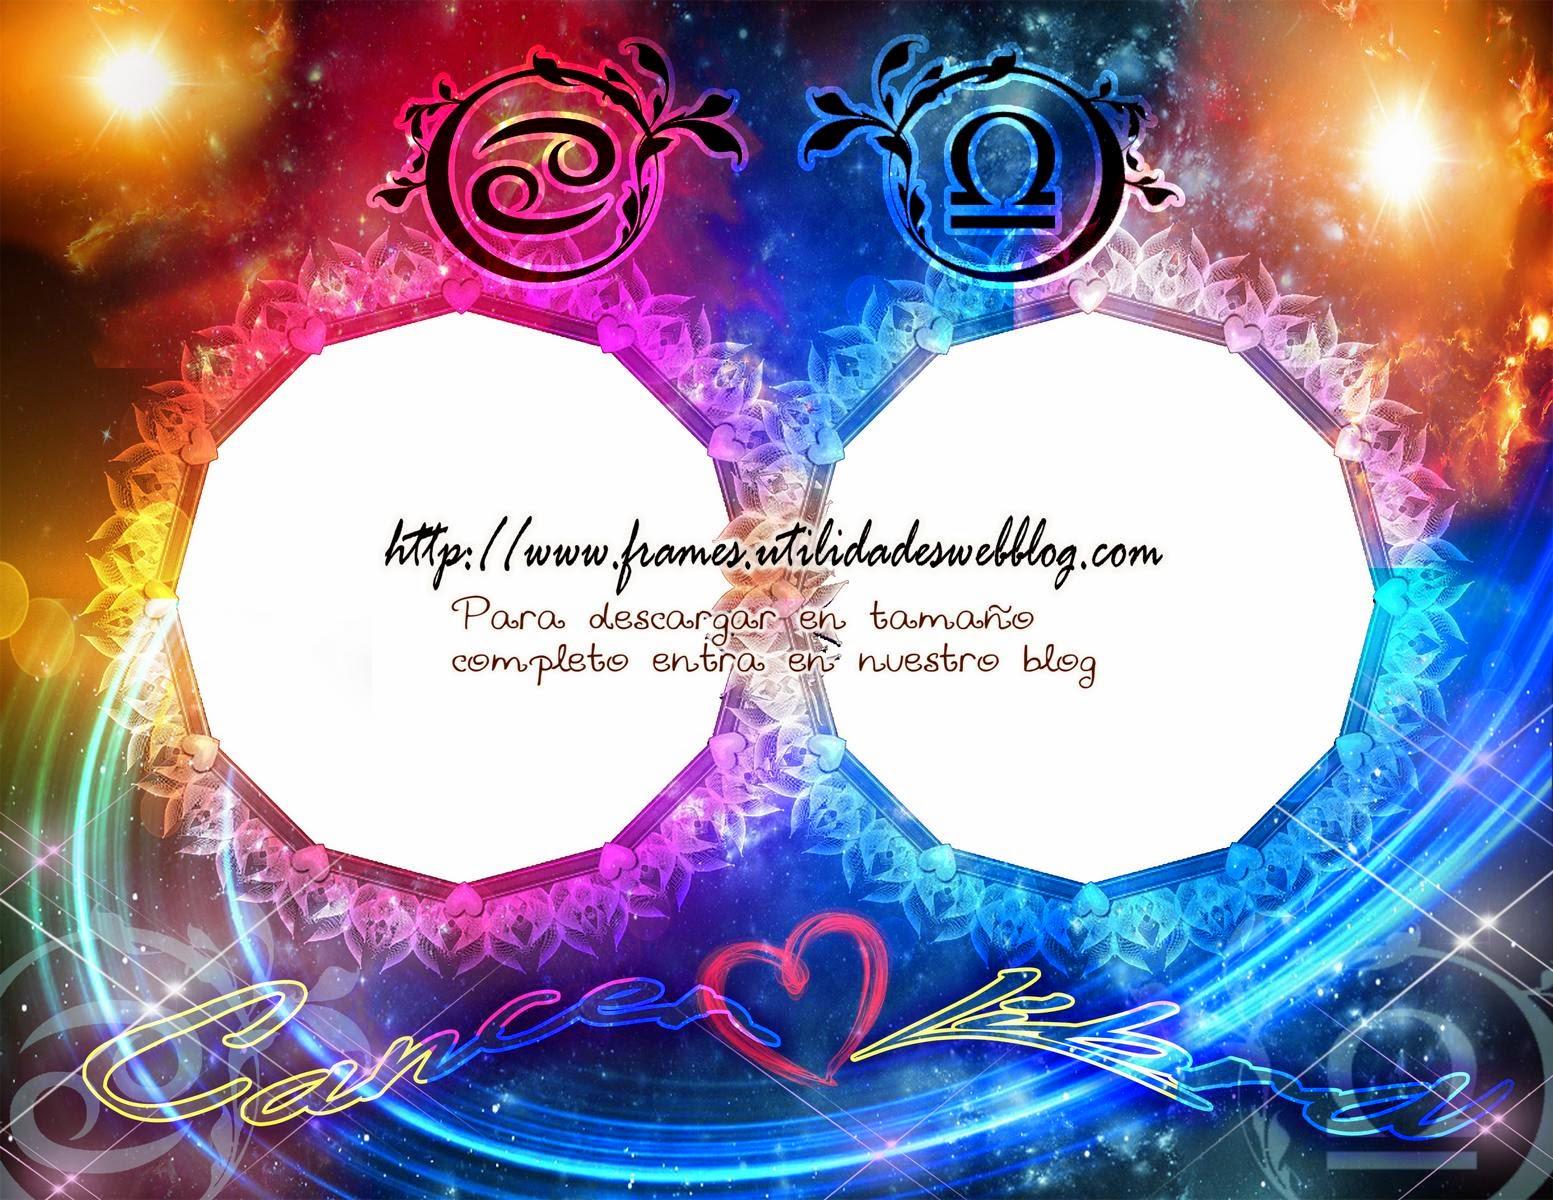 Marcos para fotos de enamorados del signo zodiacal Cancer